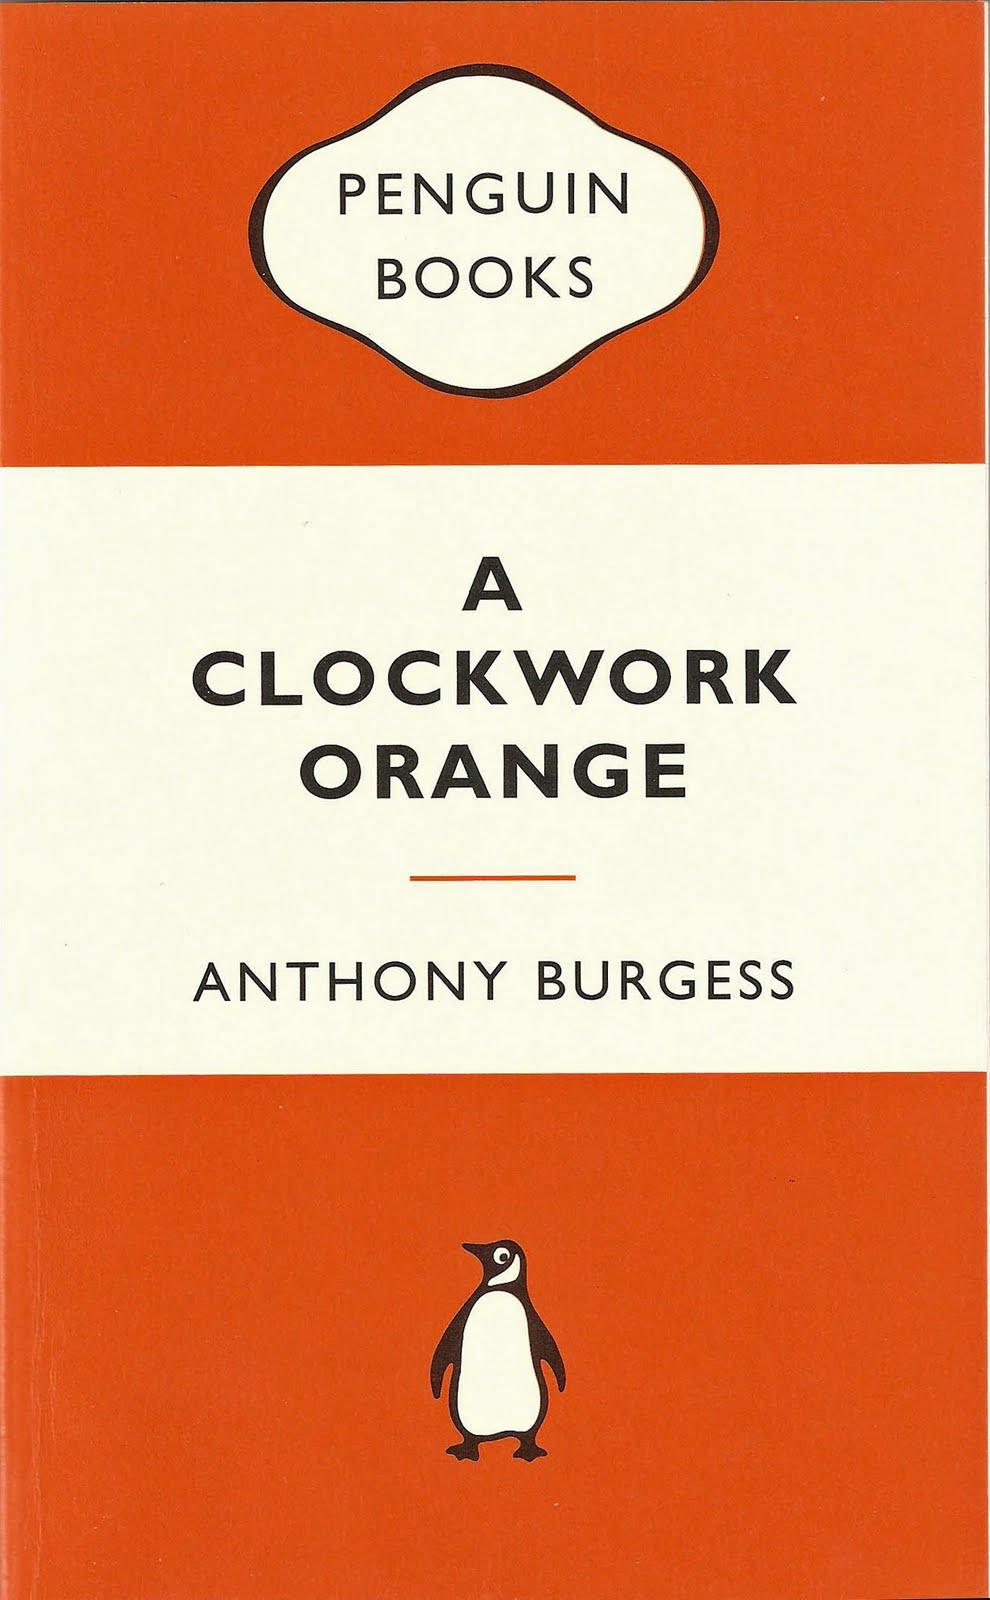 Details of A Clockwork Orange